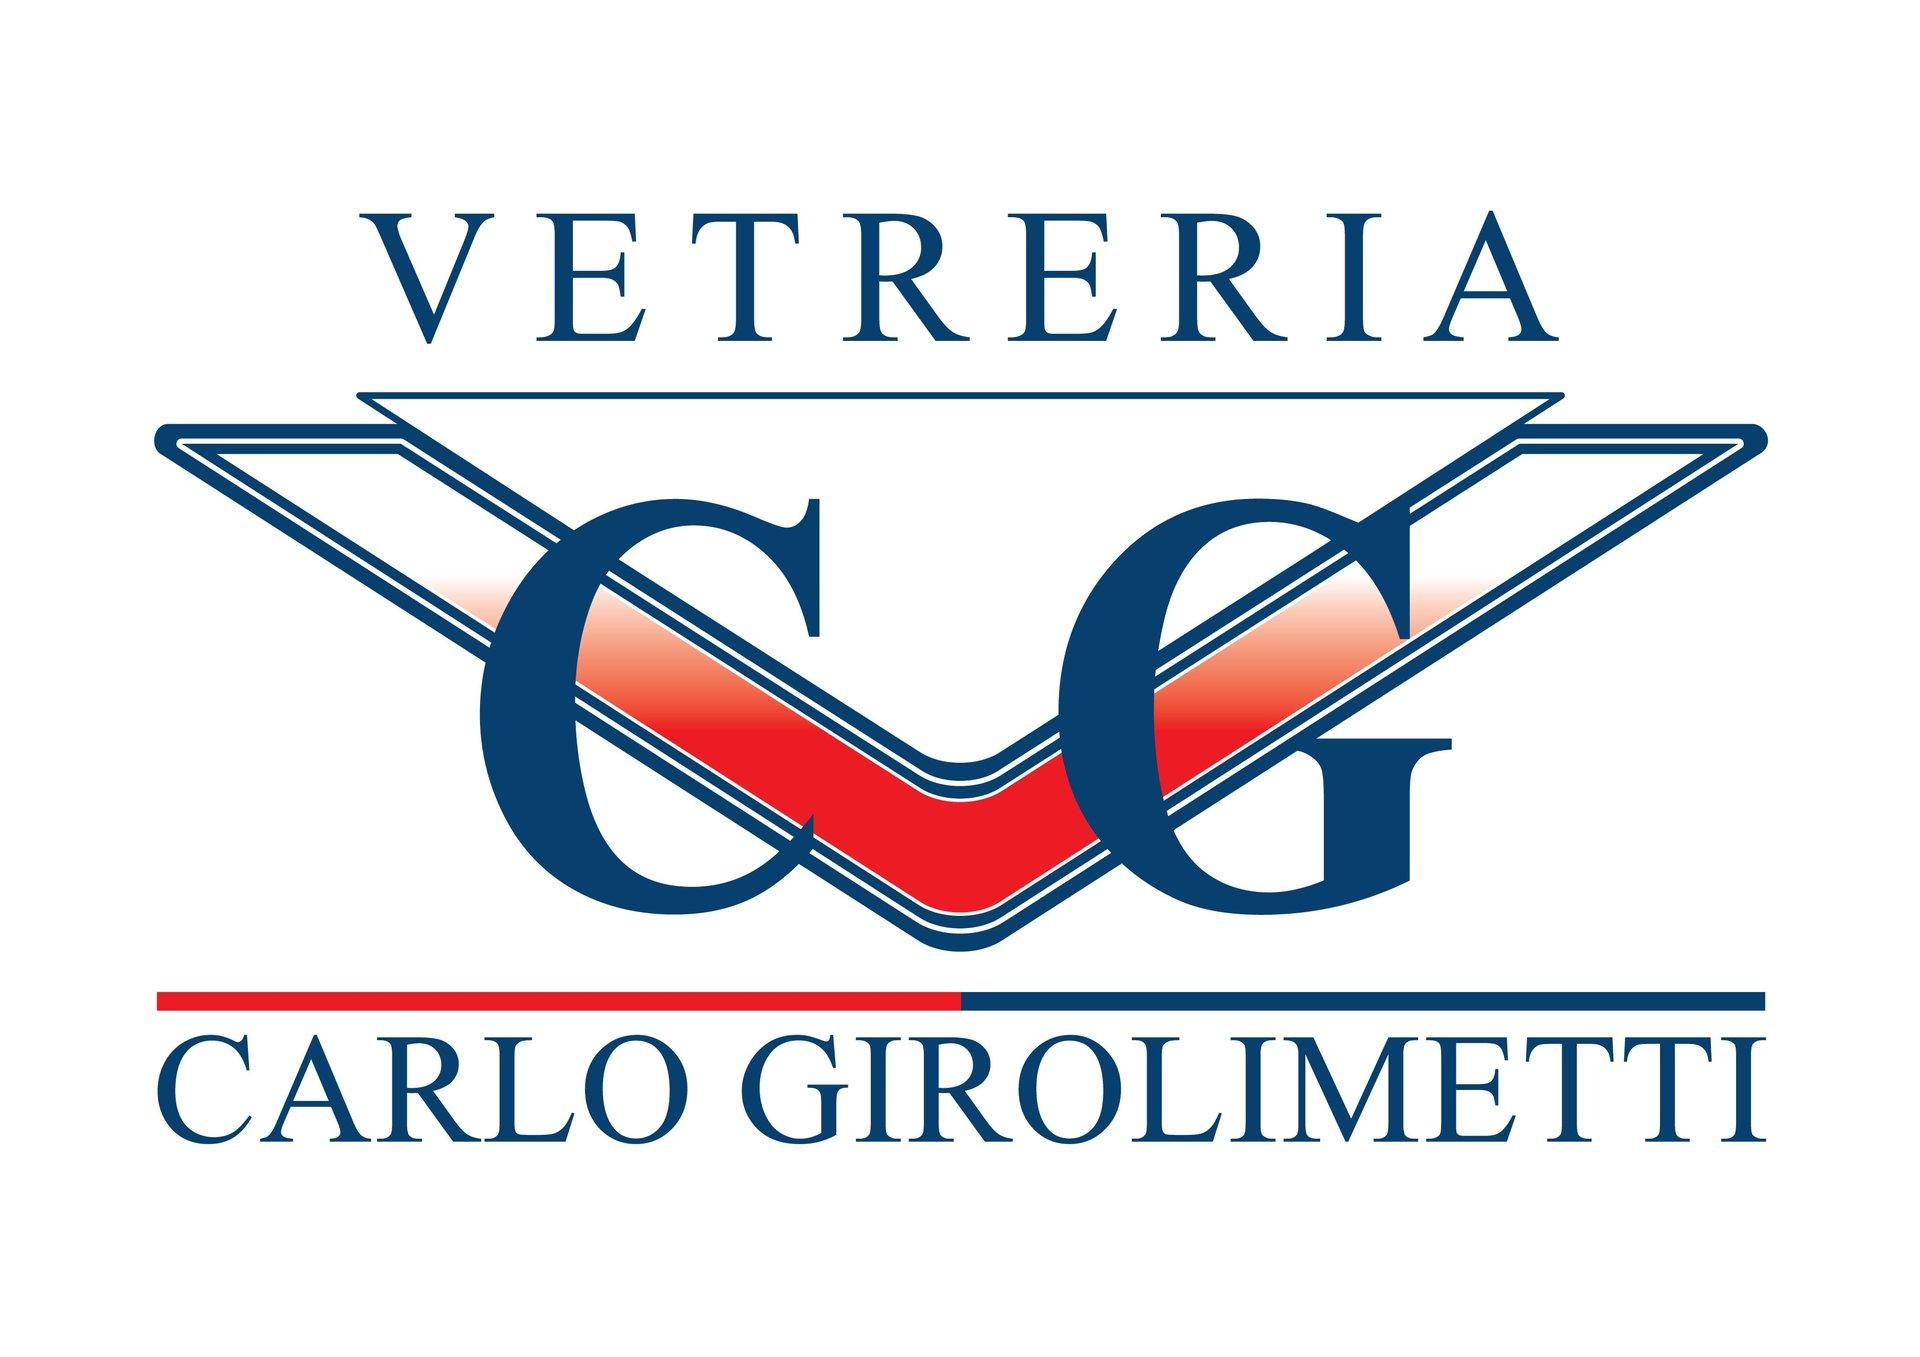 CG Carlo Girolimetti - logo